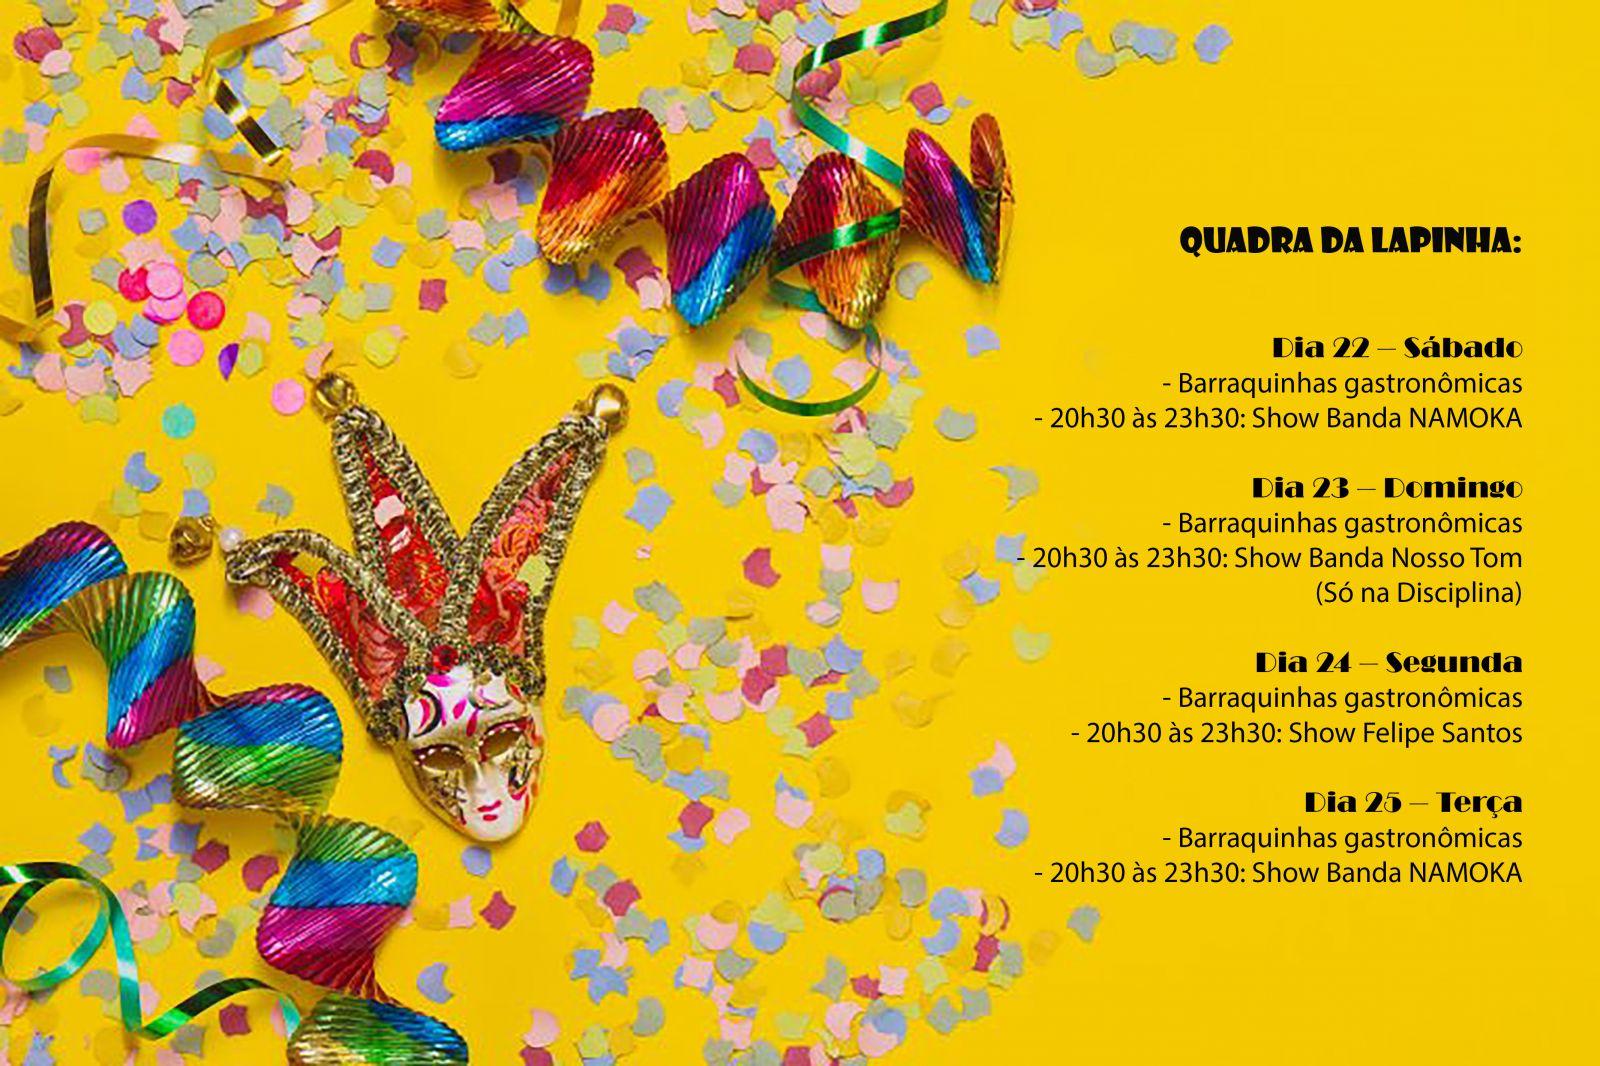 Programação Carnaval Lapinha Lagoa Santa